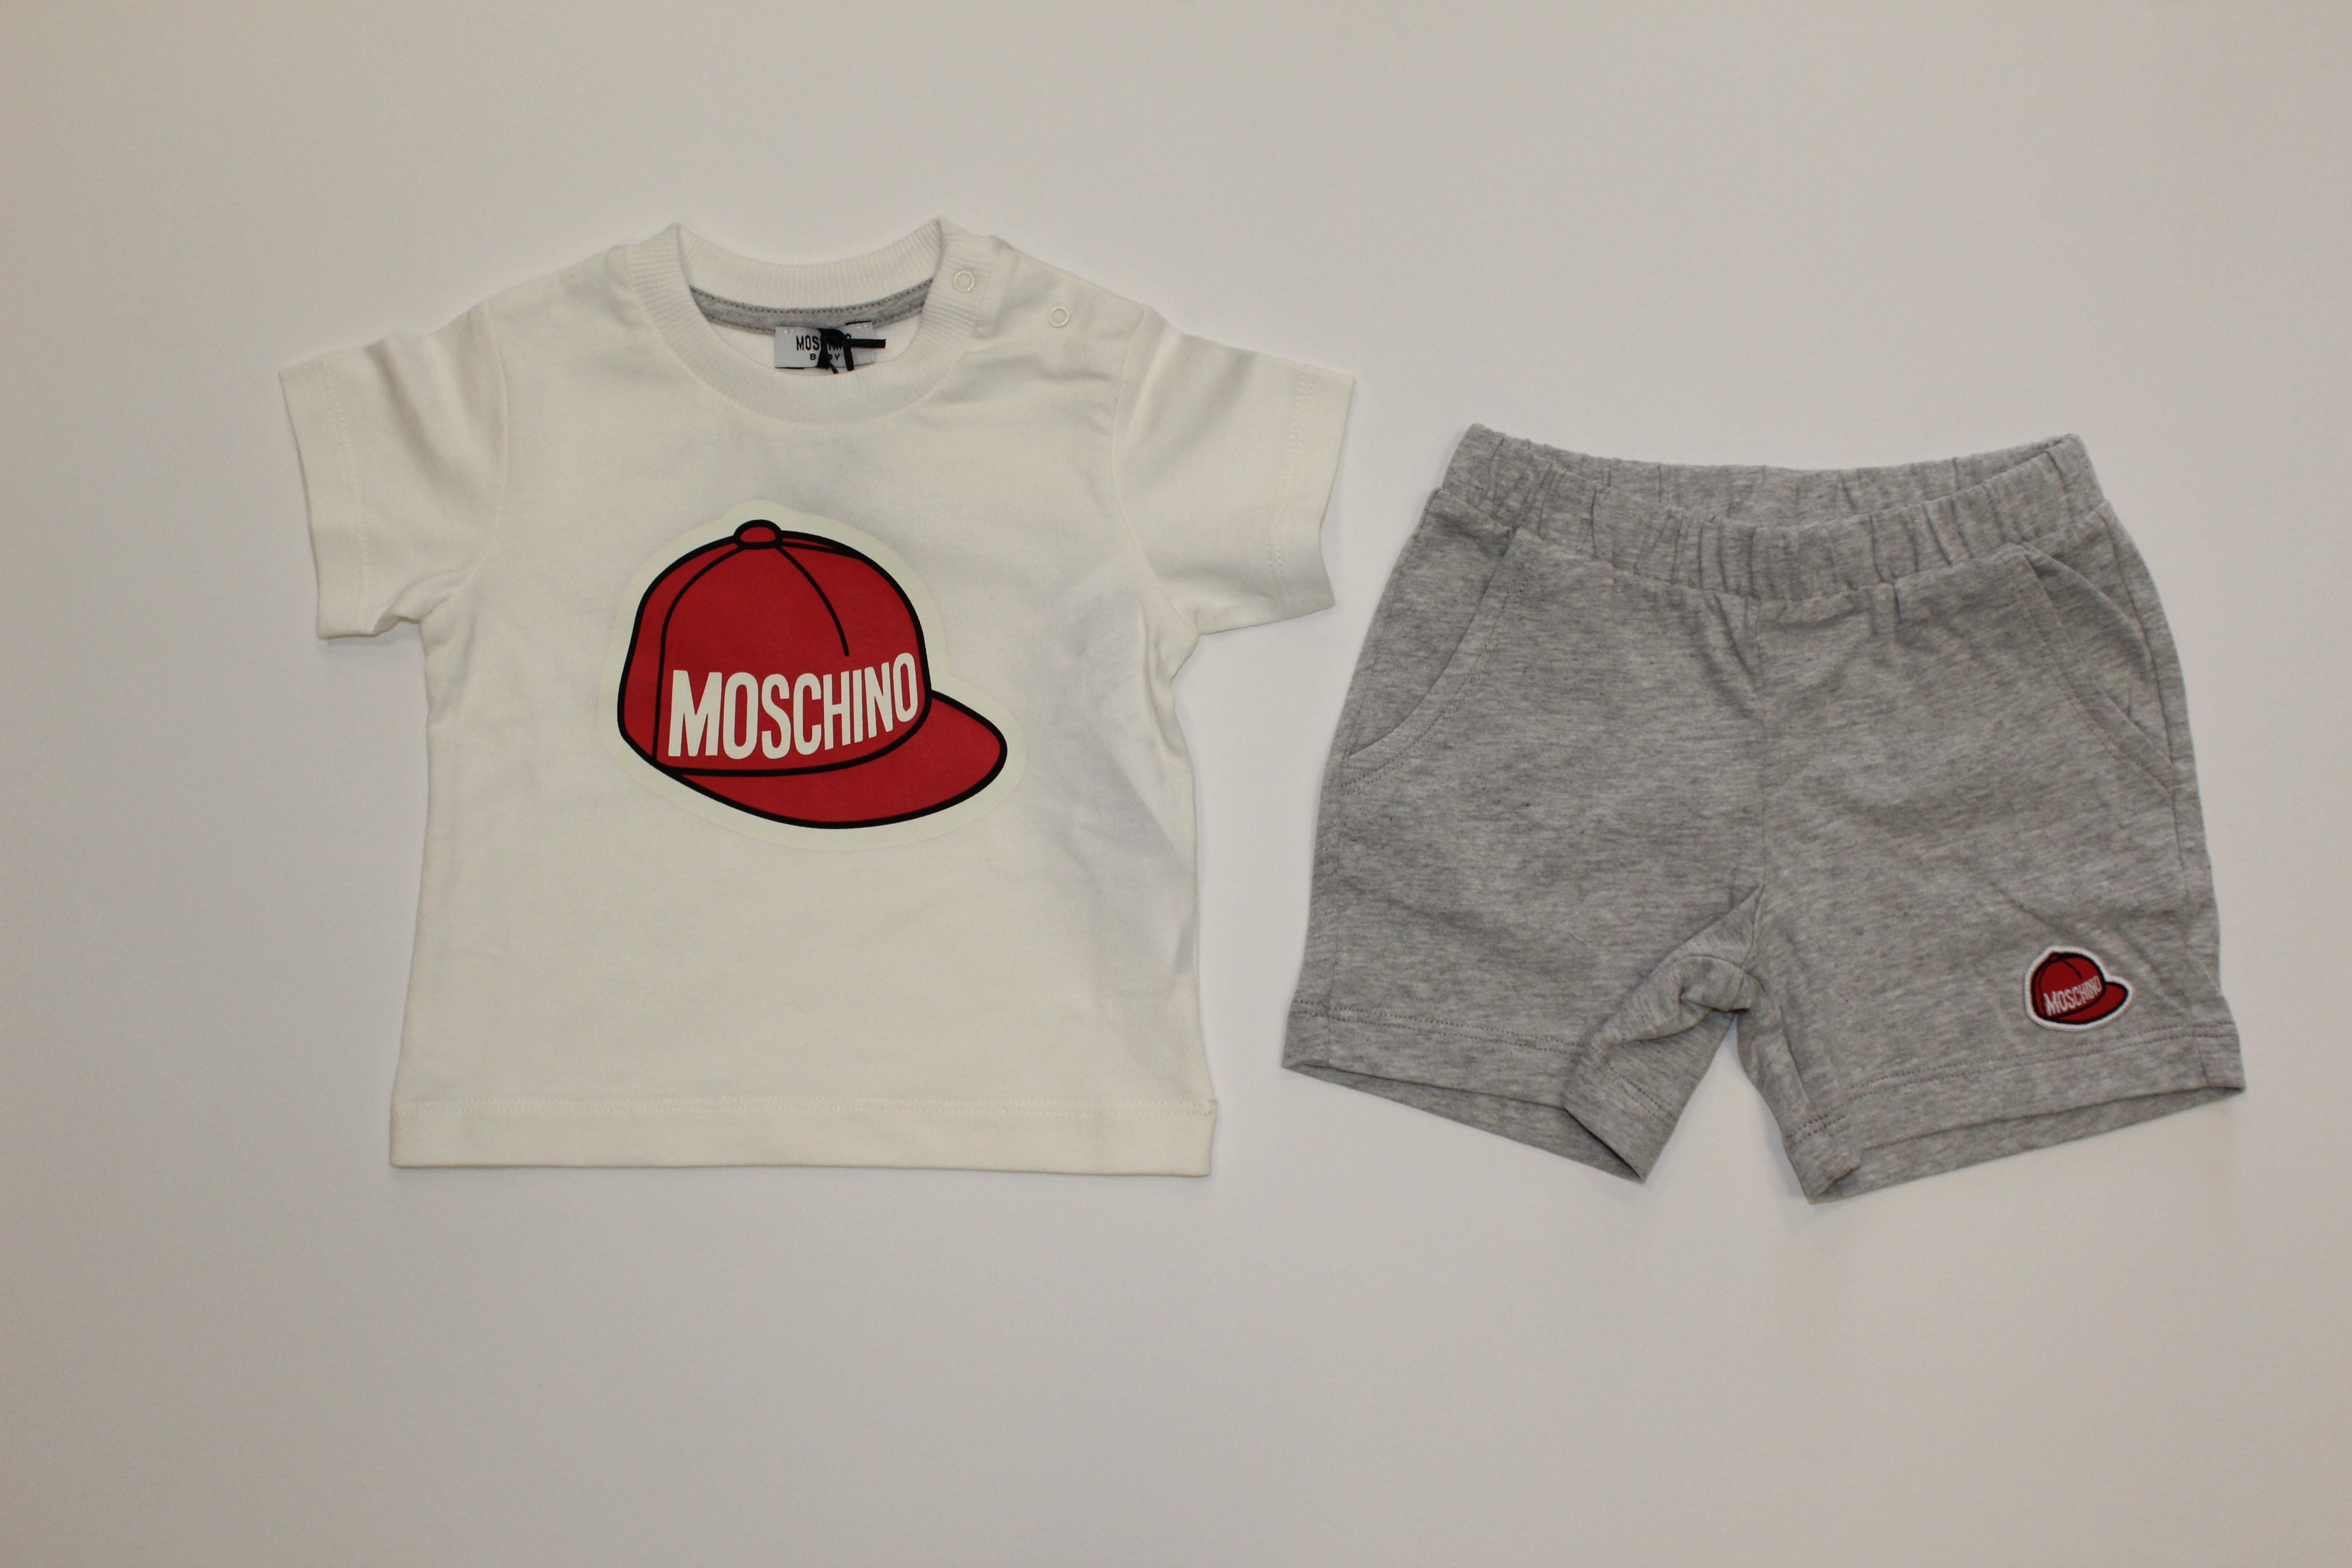 migliore online così economico ordine Completo T-Shirt/Shorts Moschino